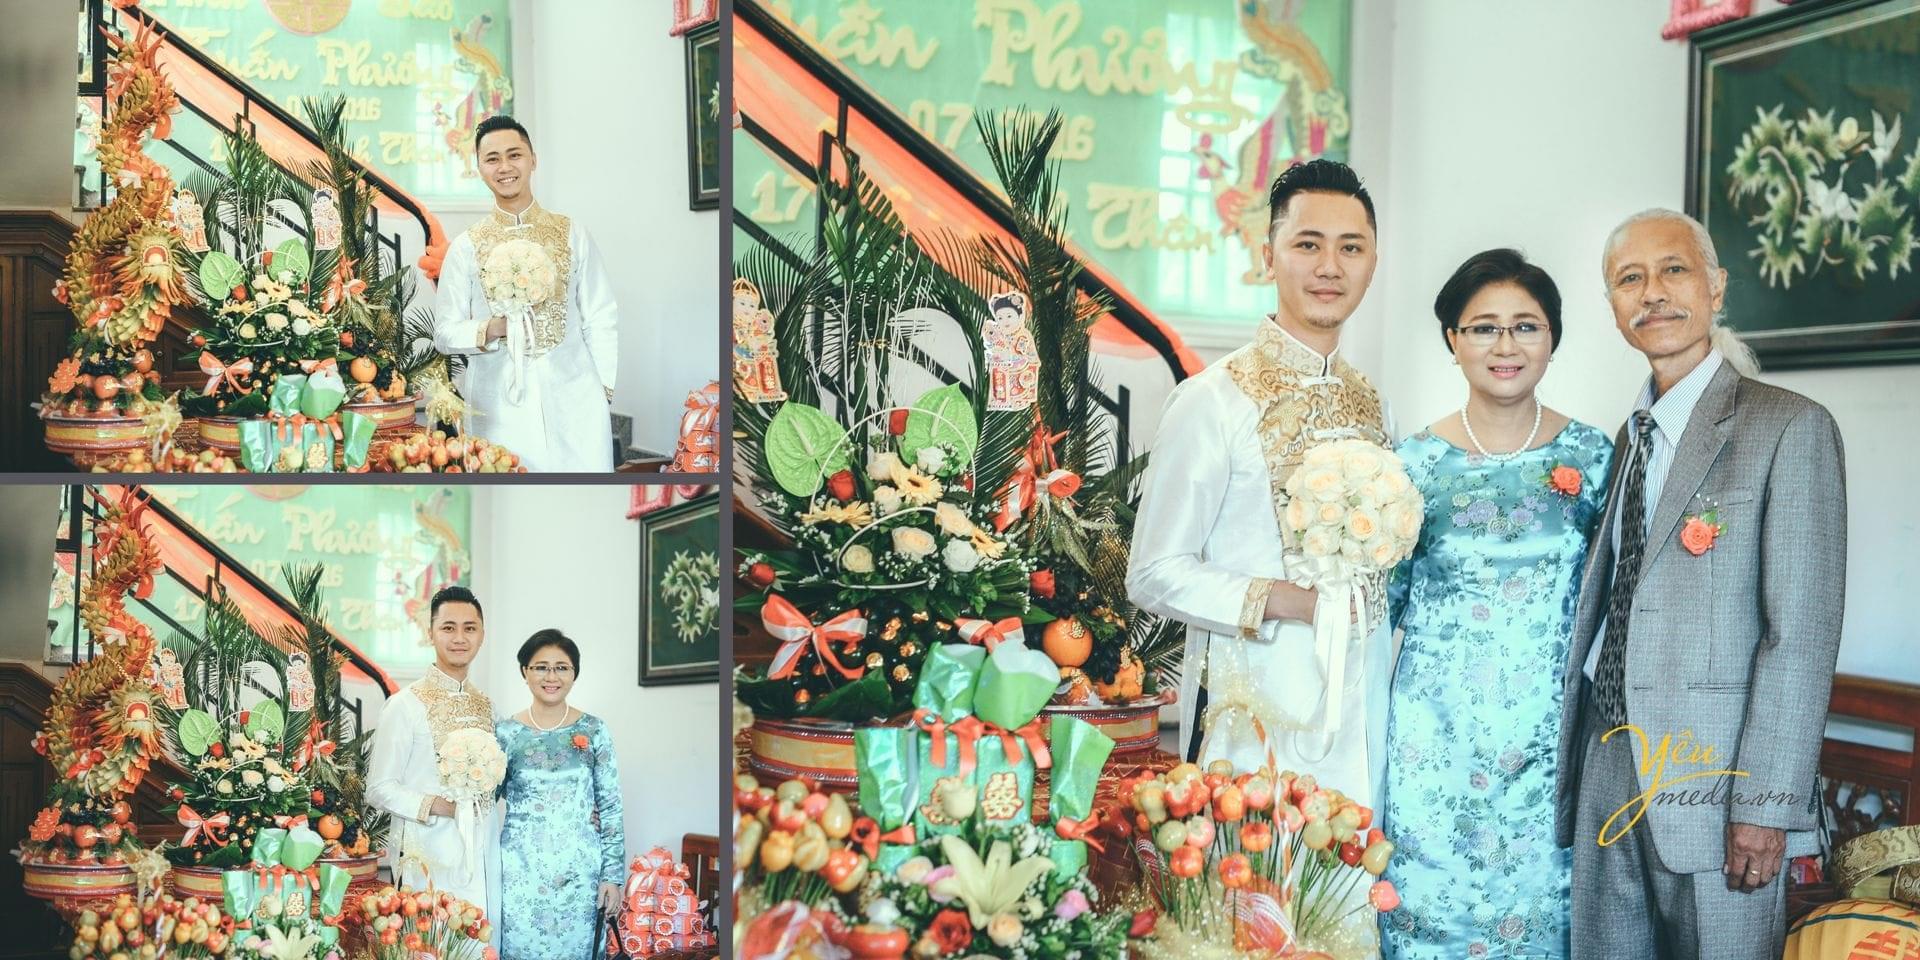 gia đình chú rể chuẩn bị đồ đi đón dâu